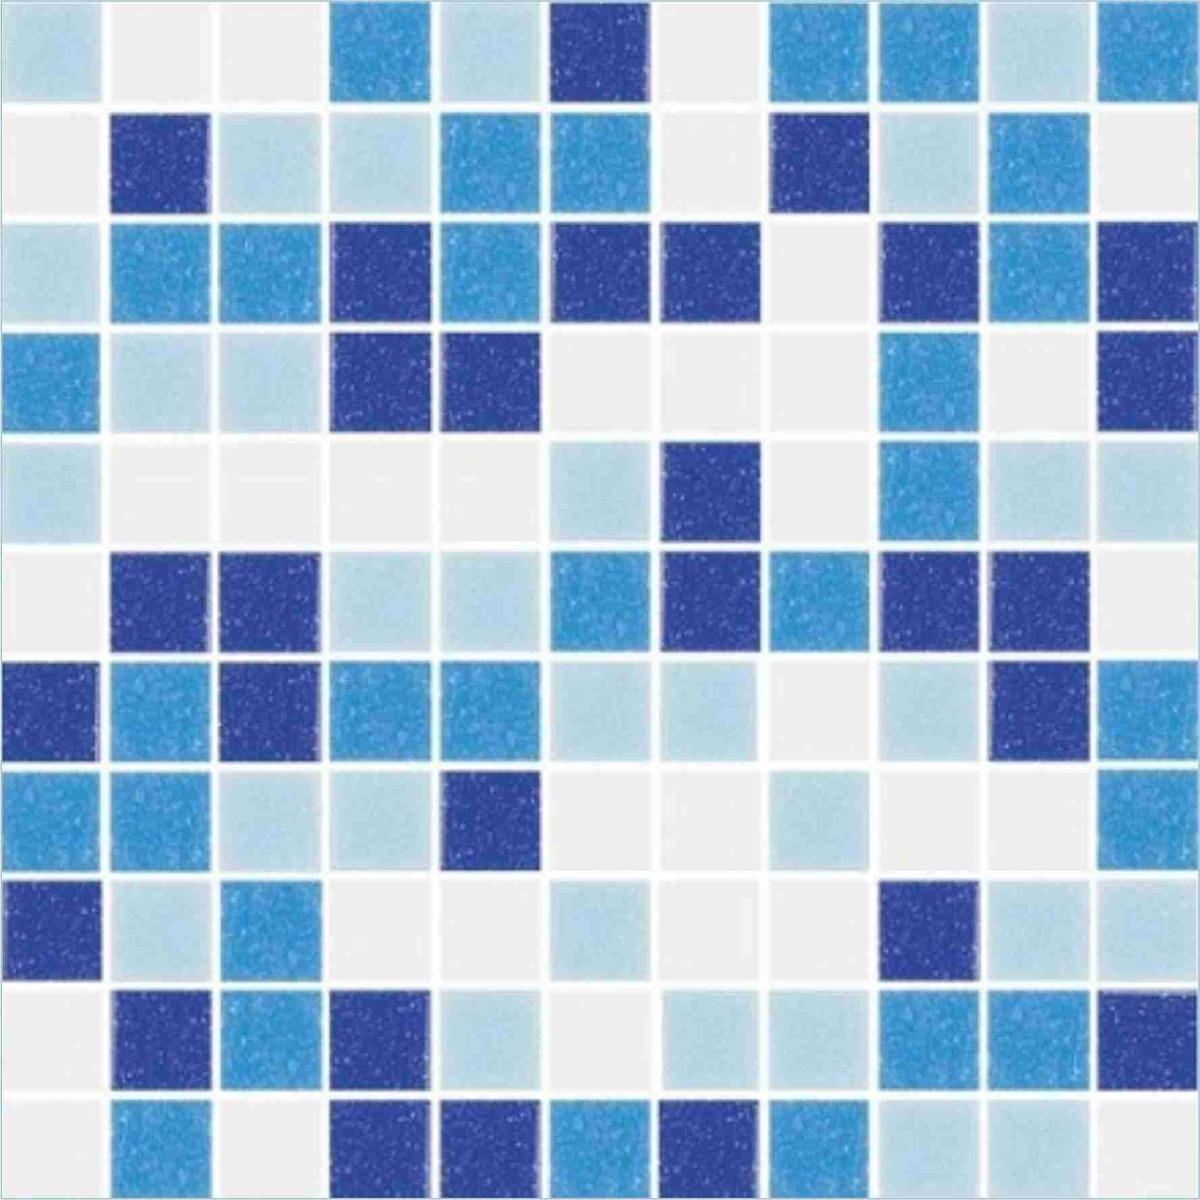 kit pastilhas azul bco frete gratis banheiro kit pastilhas azul bco  #1B76B0 1200 1200